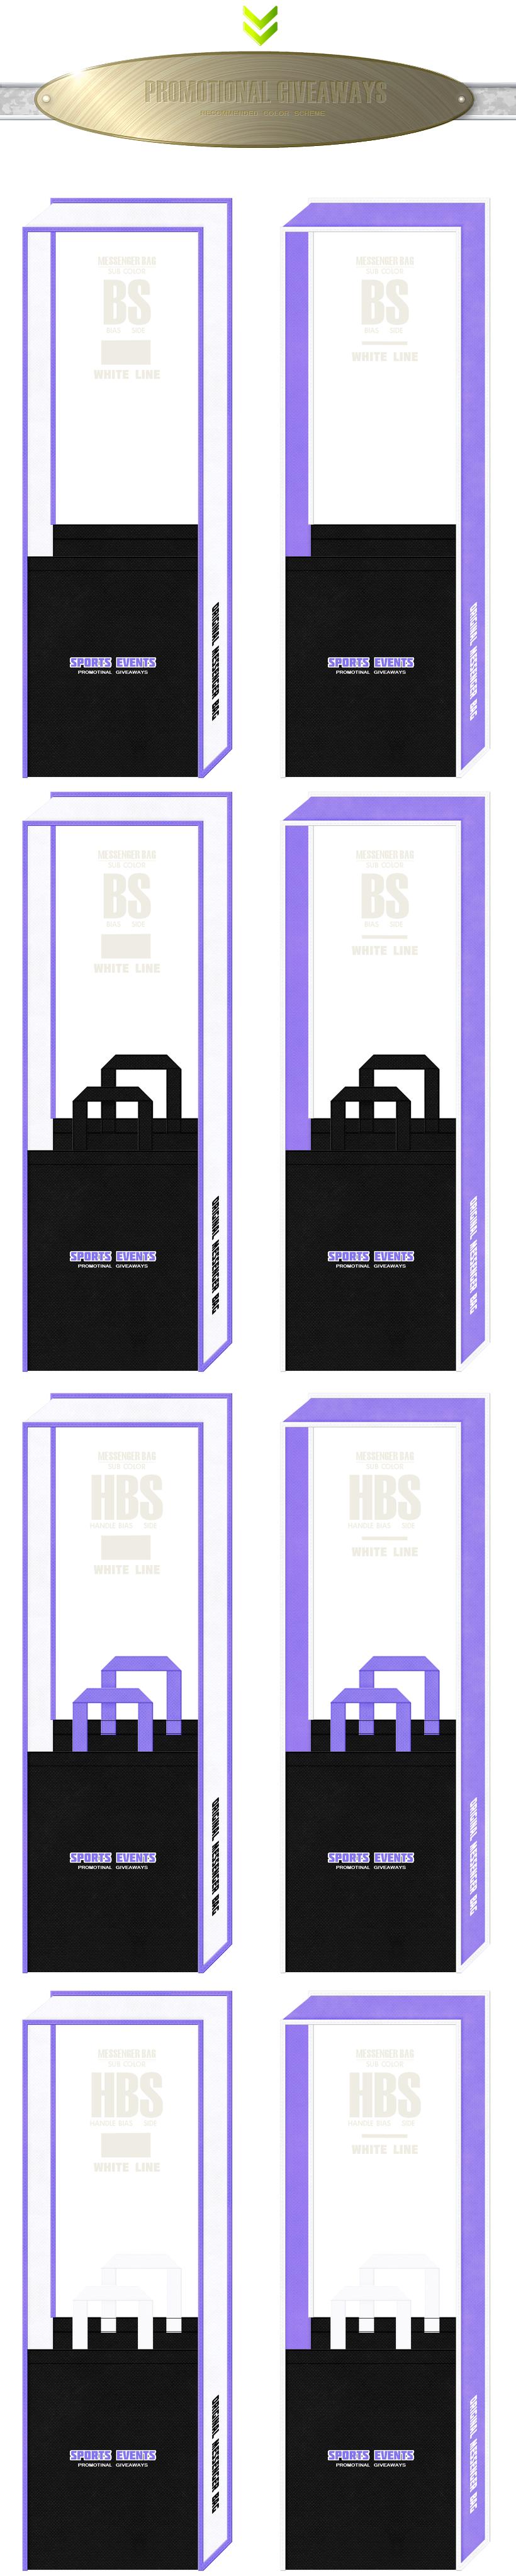 黒色・薄紫色・白色の3色仕様の不織布メッセンジャーバッグのカラーシミュレーション:スポーツイベントのノベルティ